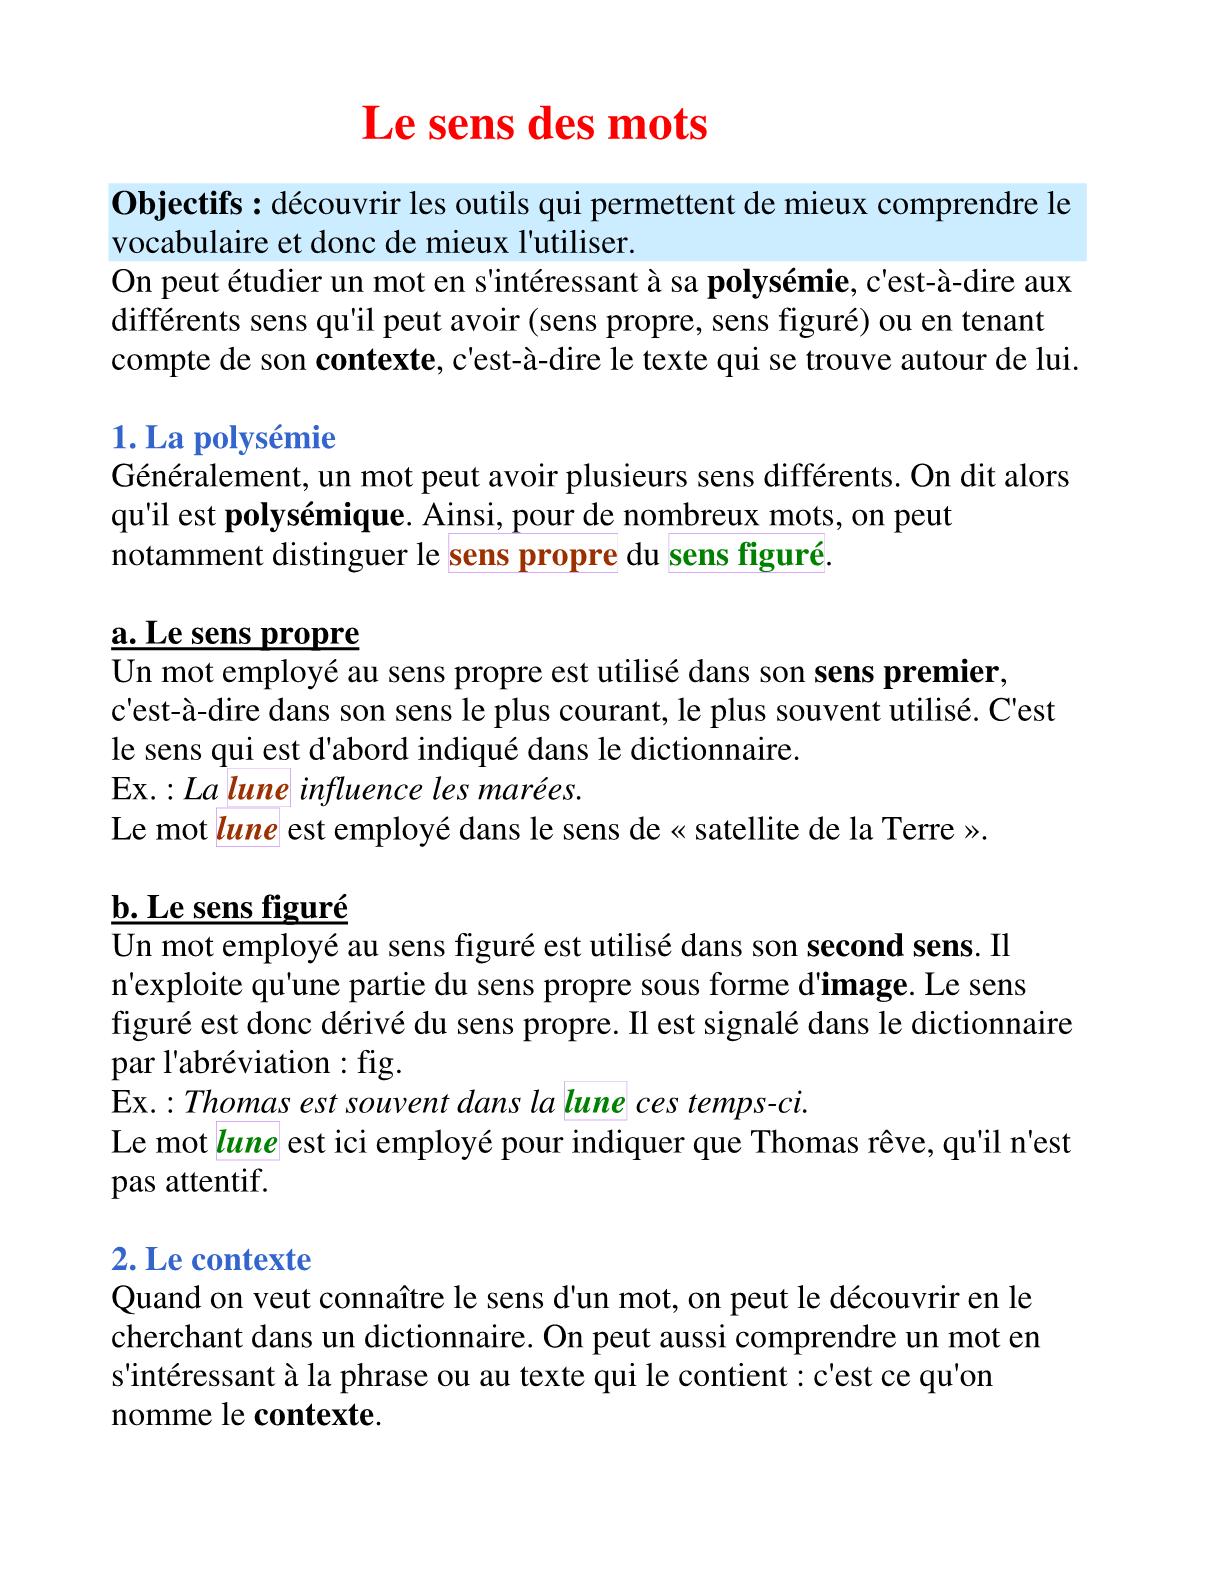 درس Le sens des mots للسنة الأولى إعدادي